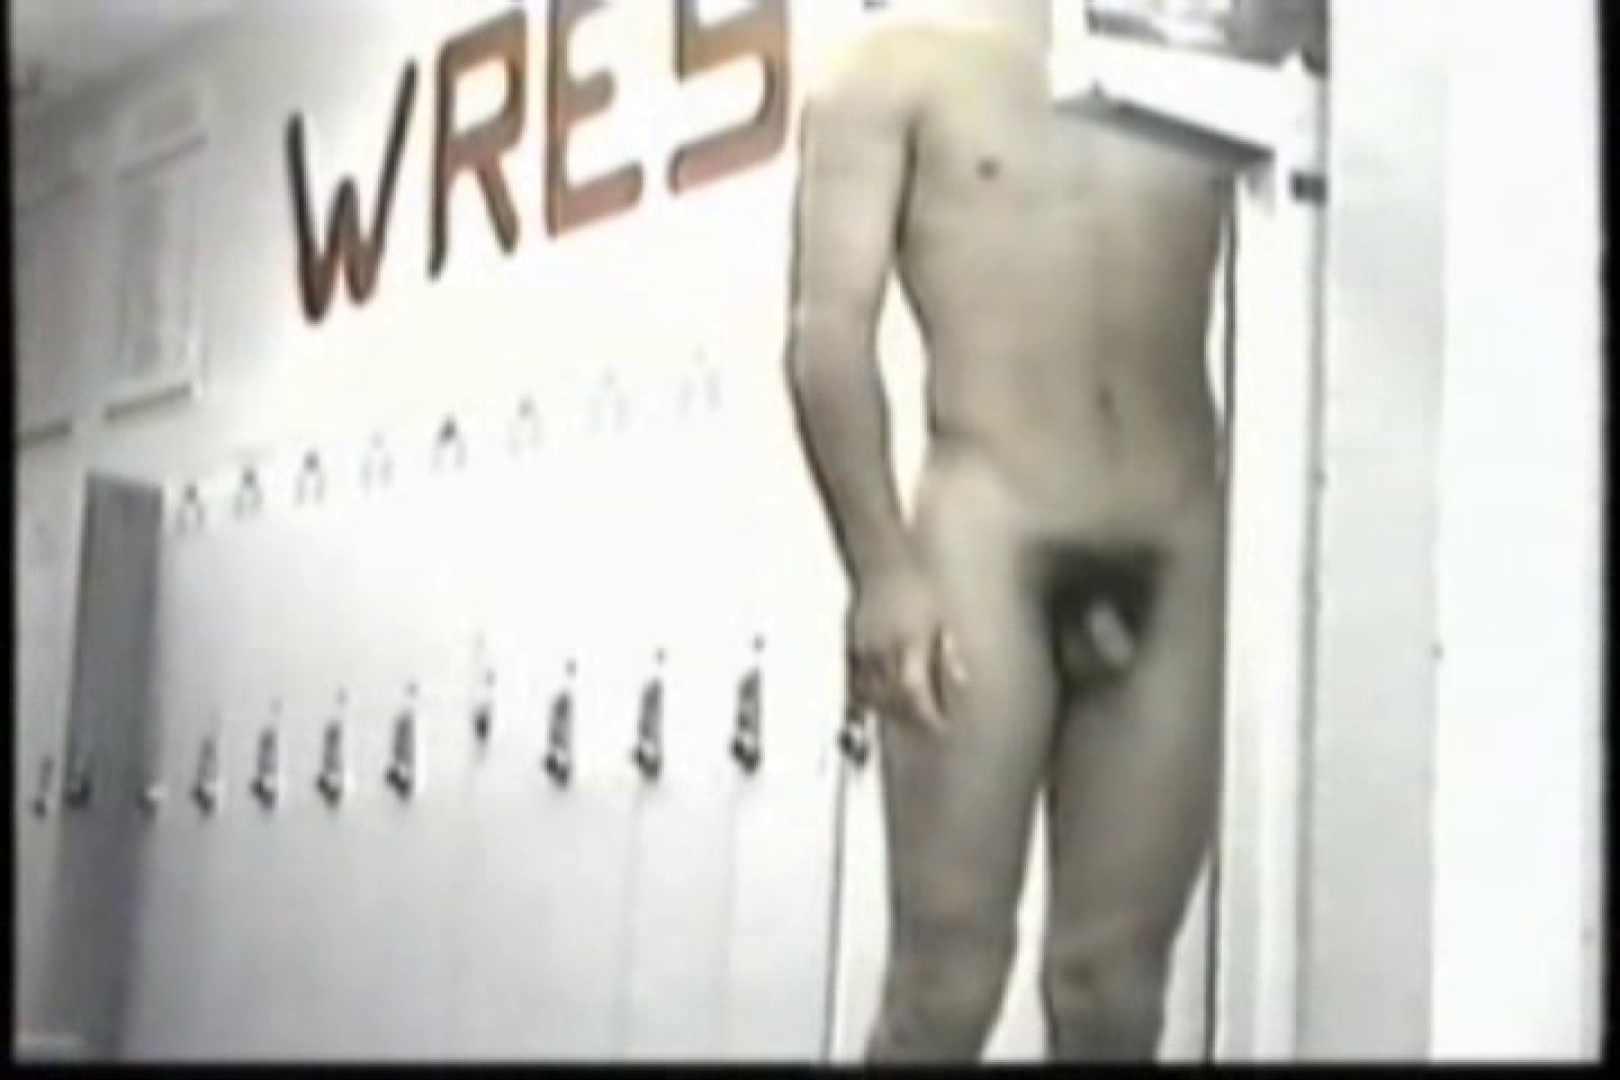 洋人さんの脱衣所を覗いてみました。VOL.8 のぞき   ガチムチマッチョ系  93pic 25